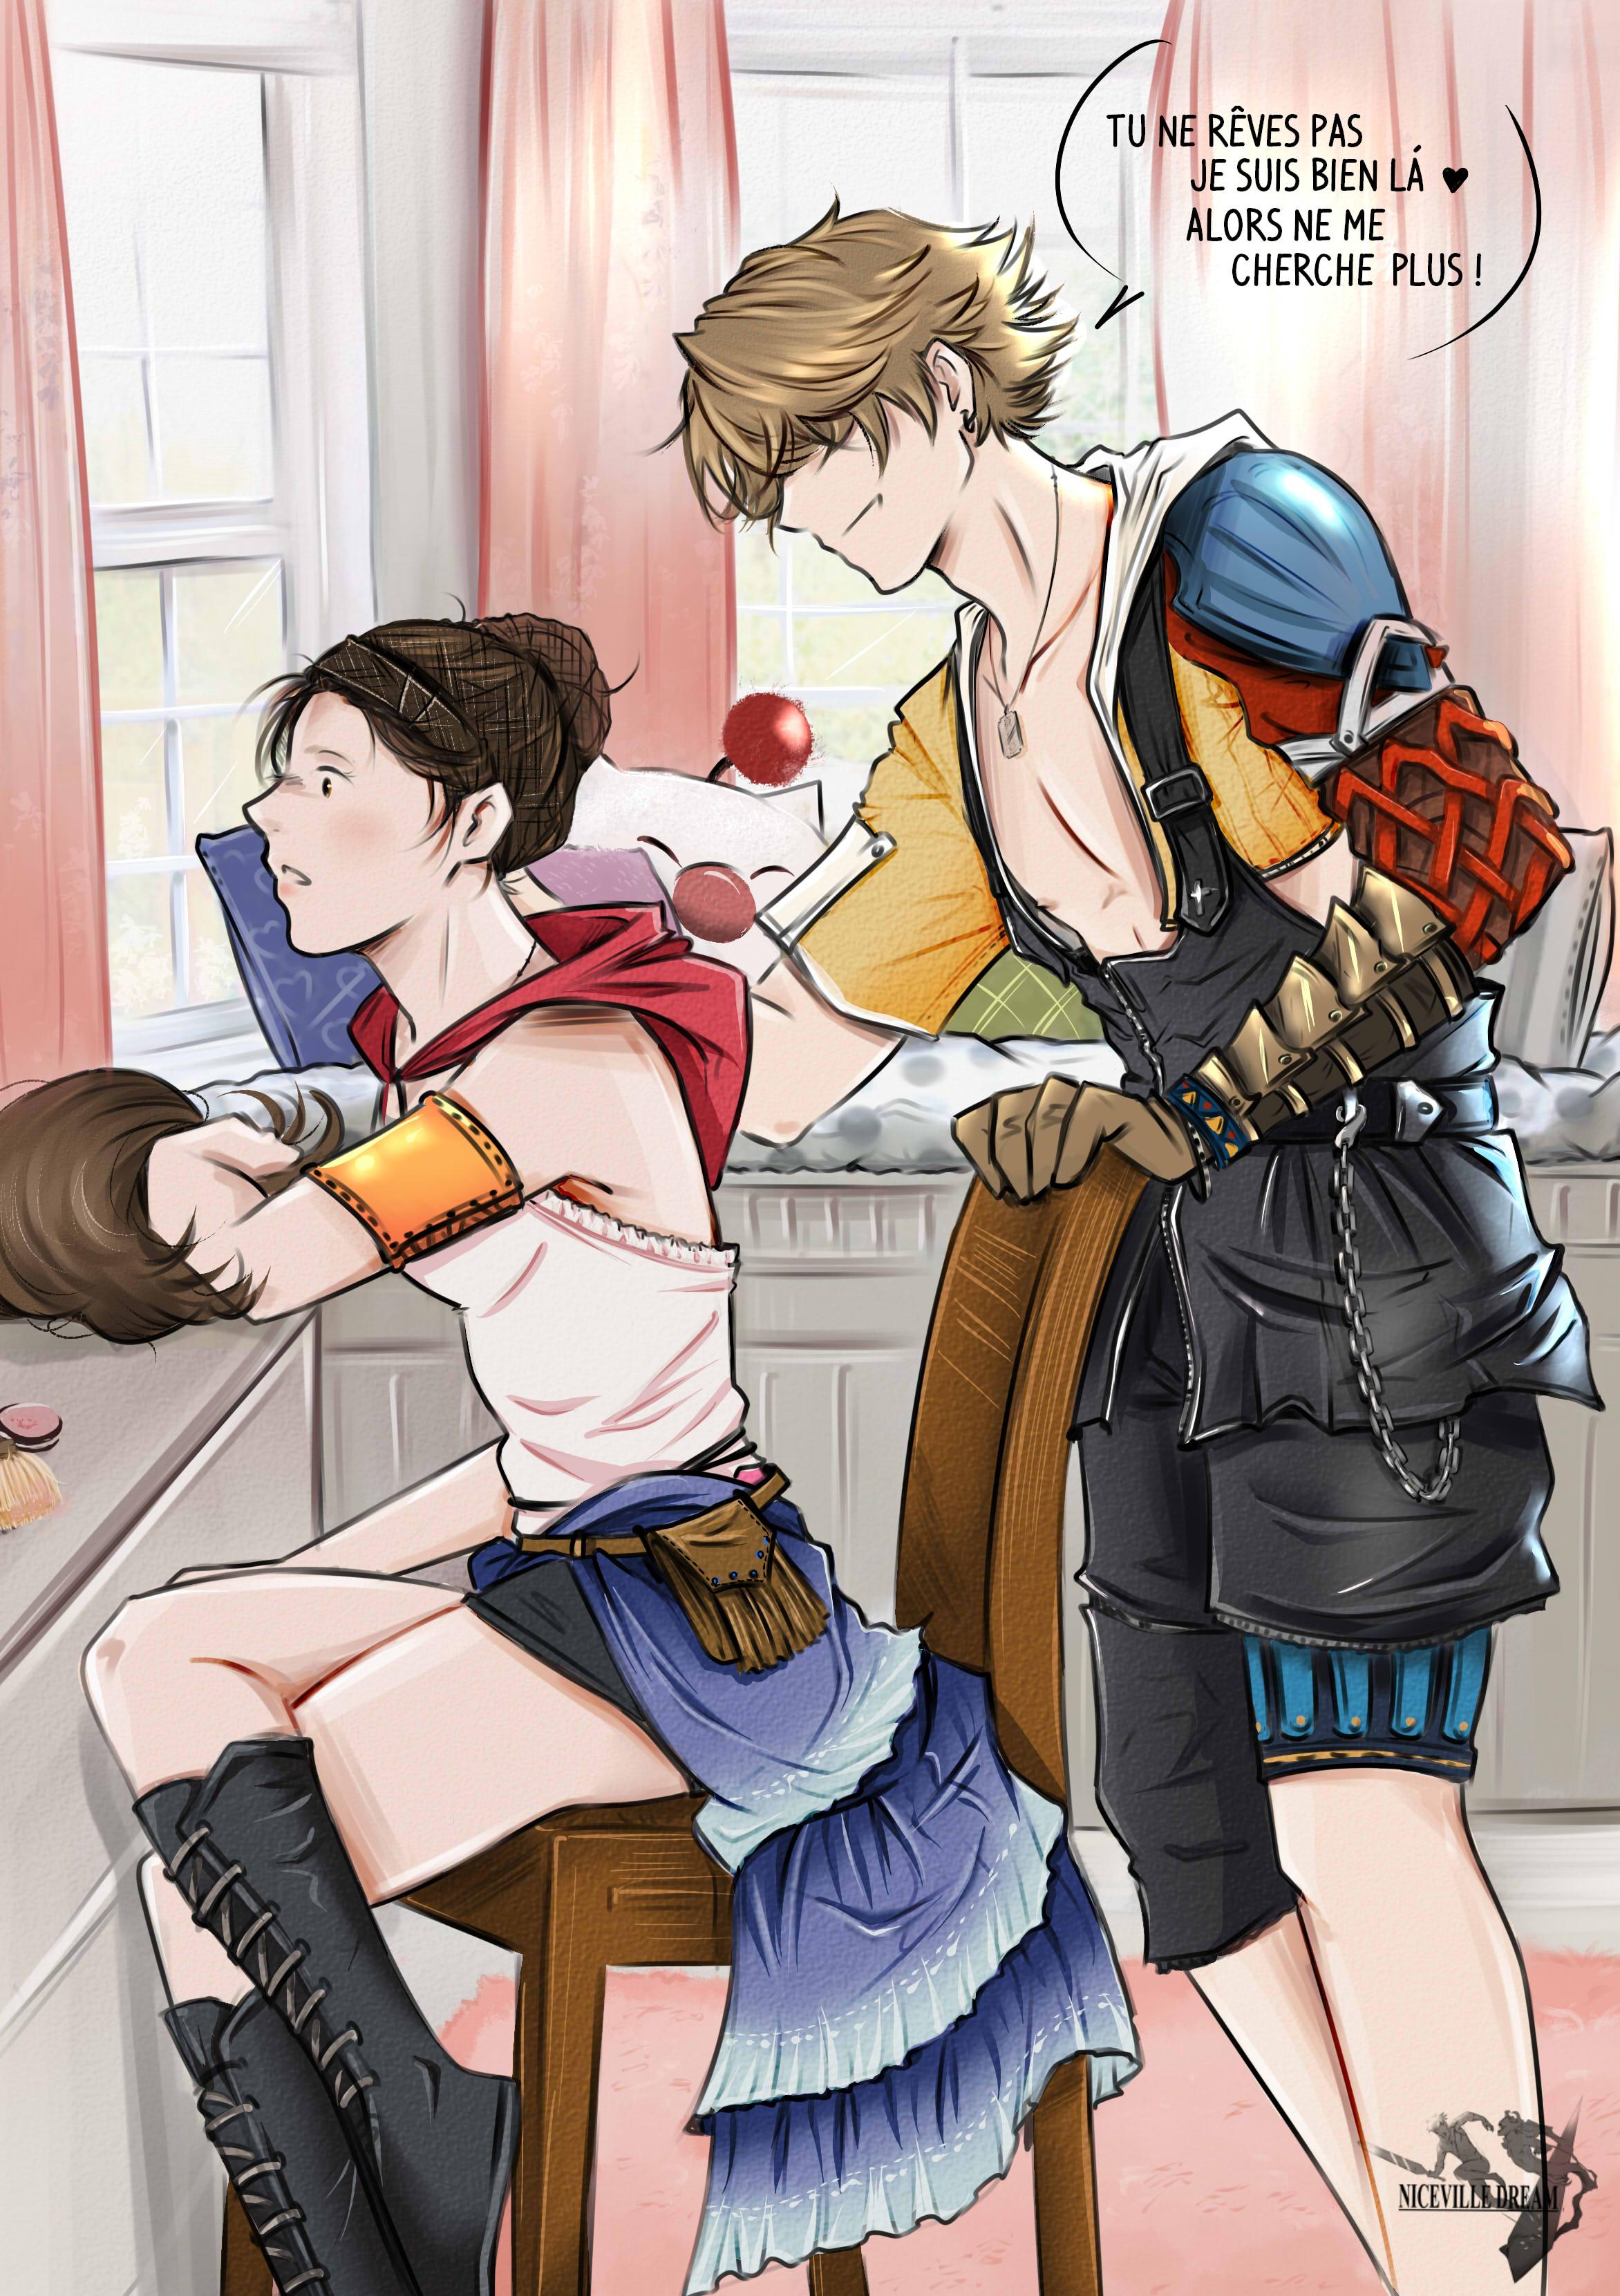 Niceville Dream : Les 18 ans de Final Fantasy X-2